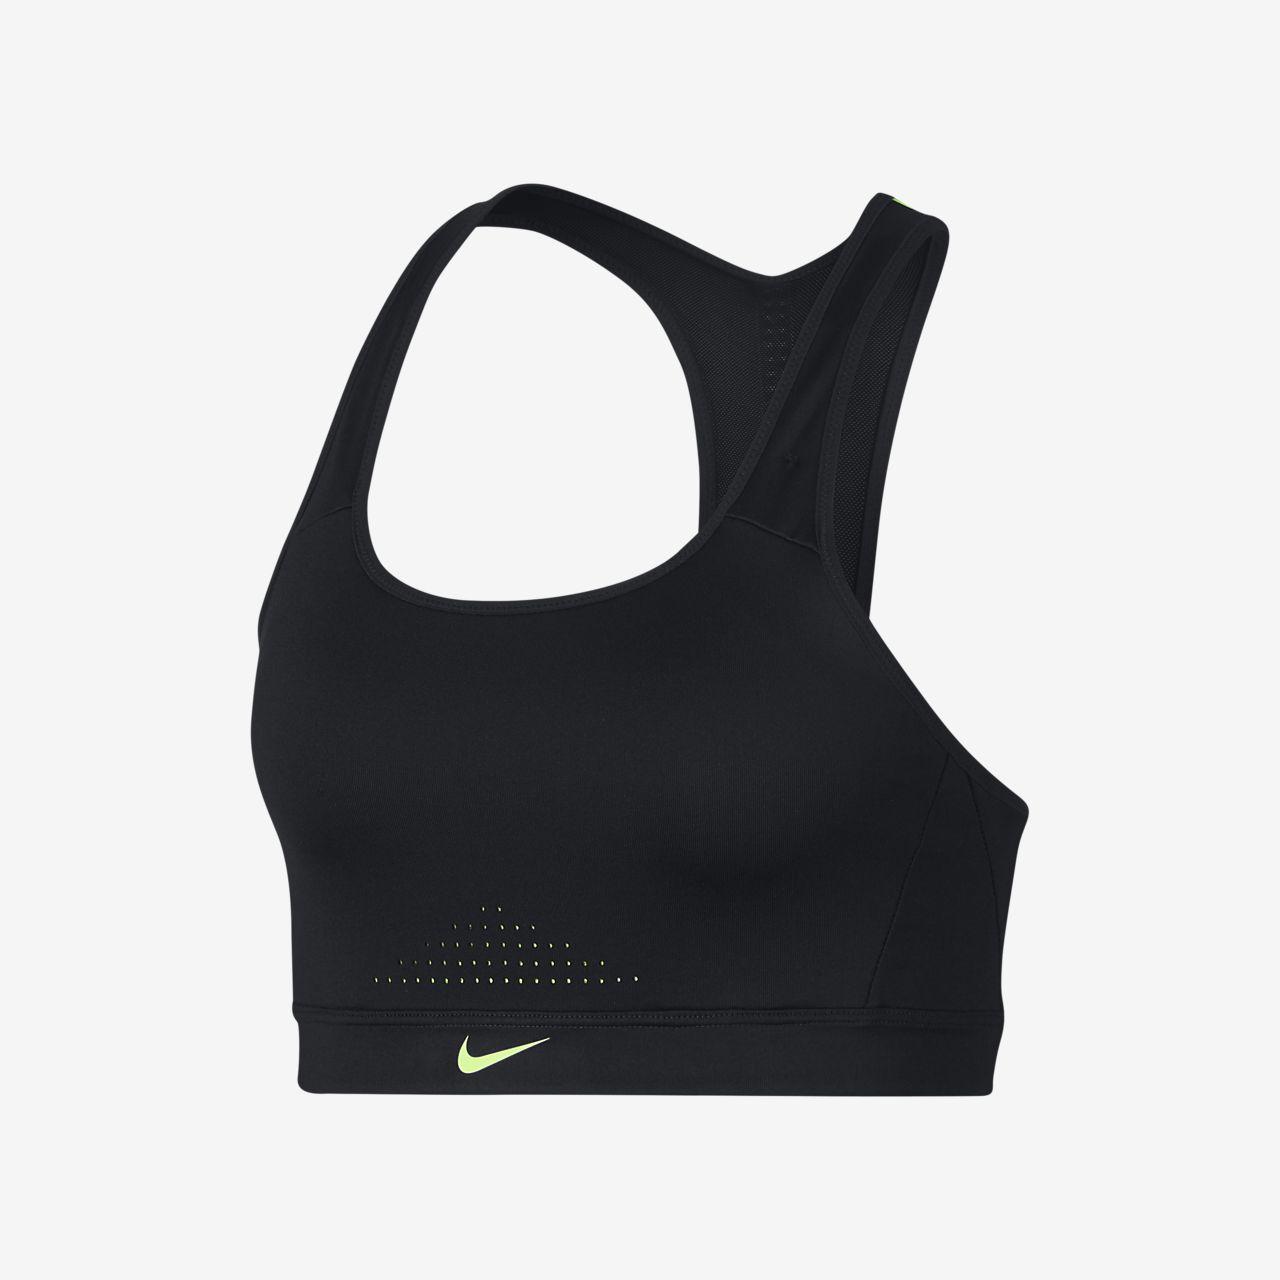 Sujetador deportivo de sujeción alta para mujer Nike Impact